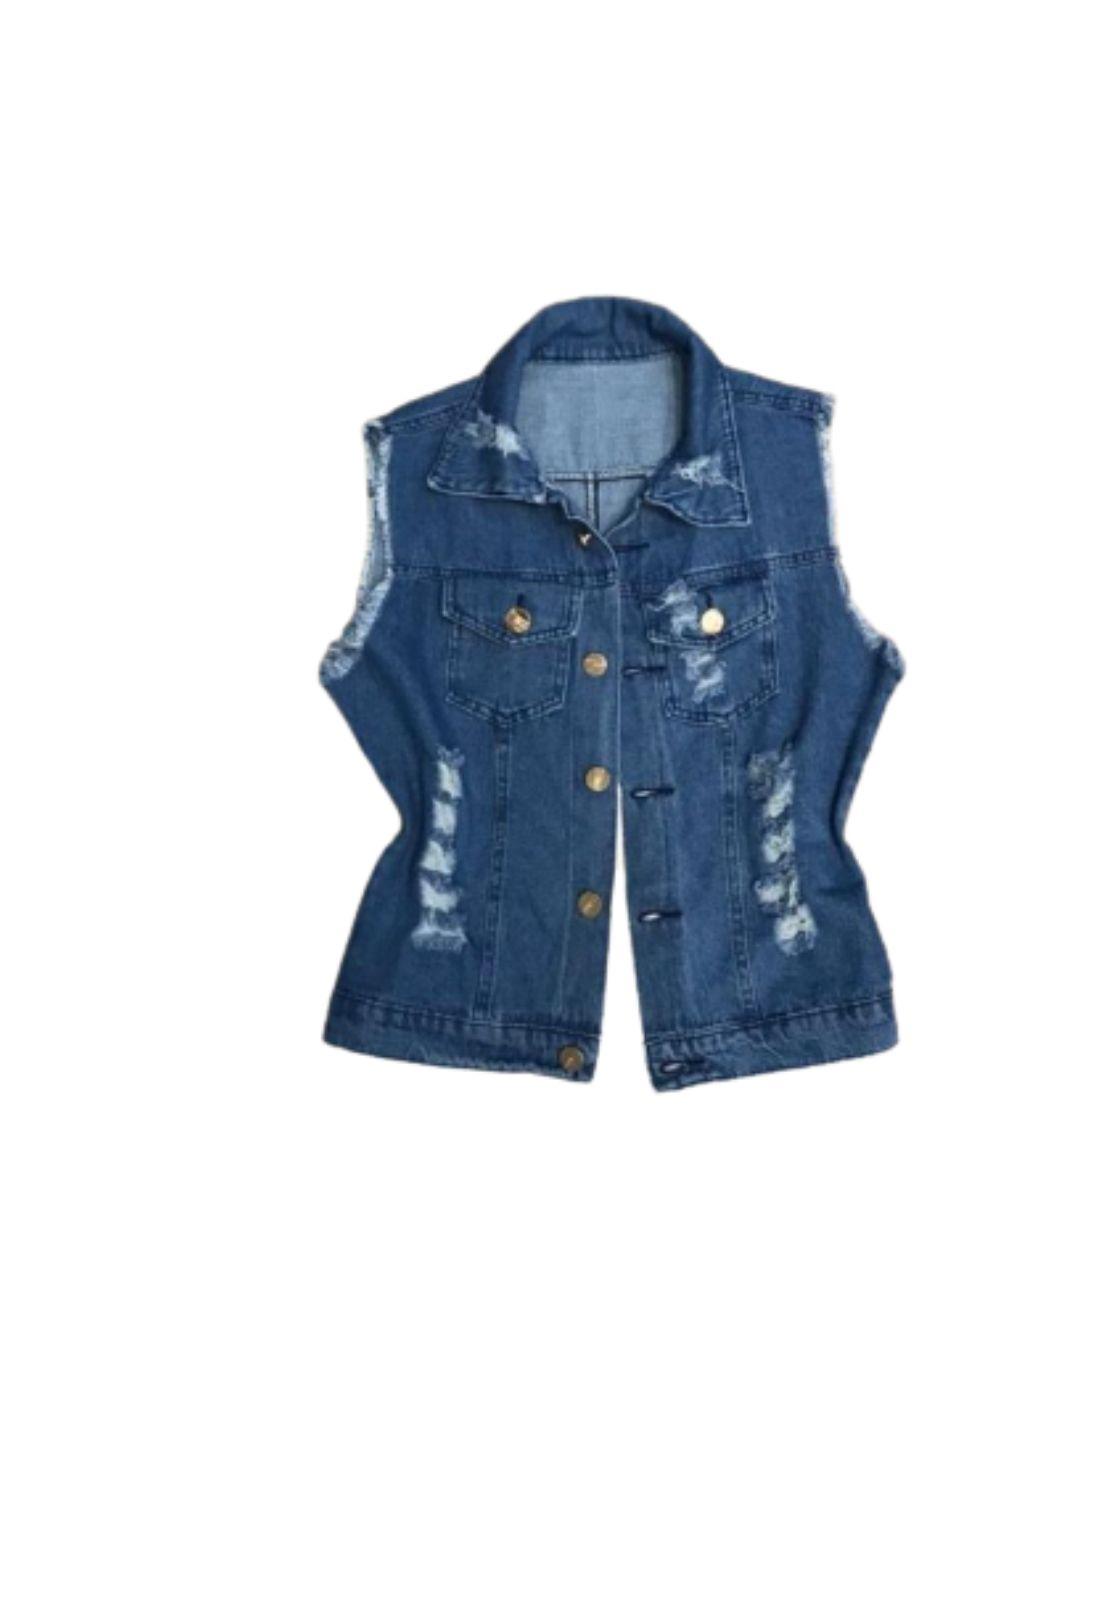 Colete Curto Jeans Feminino com Botões   - ModaStore